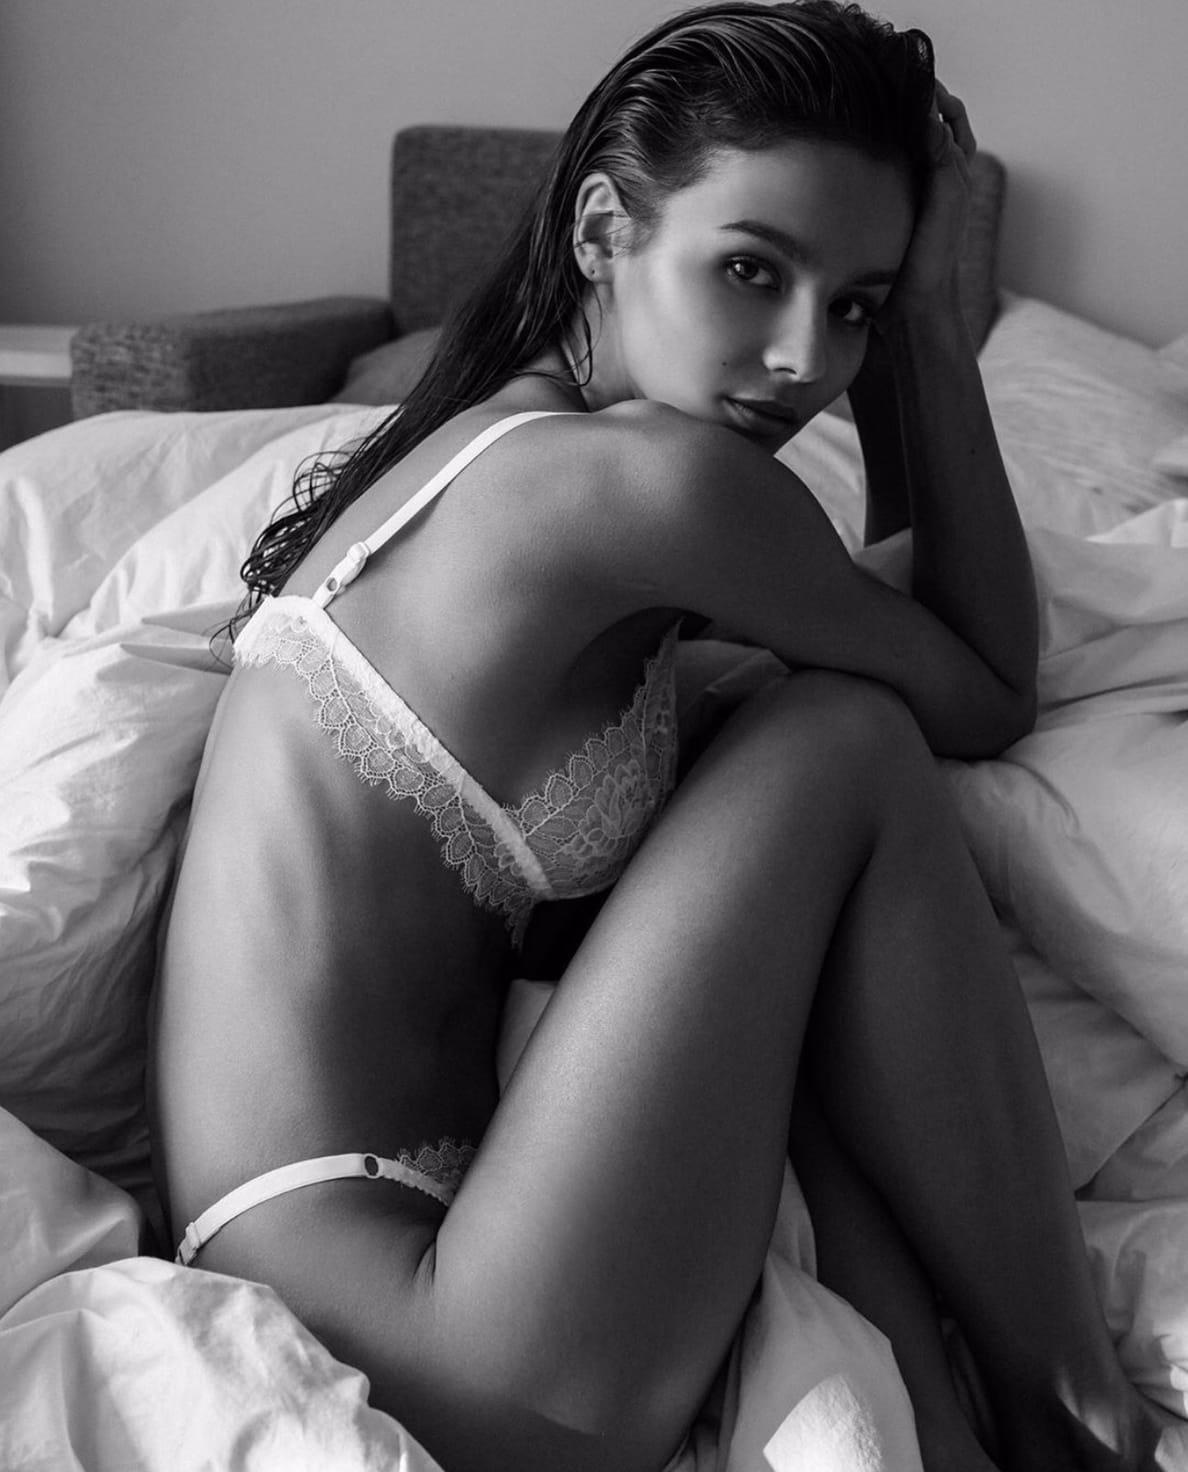 Kristina by Andrea Zhenya